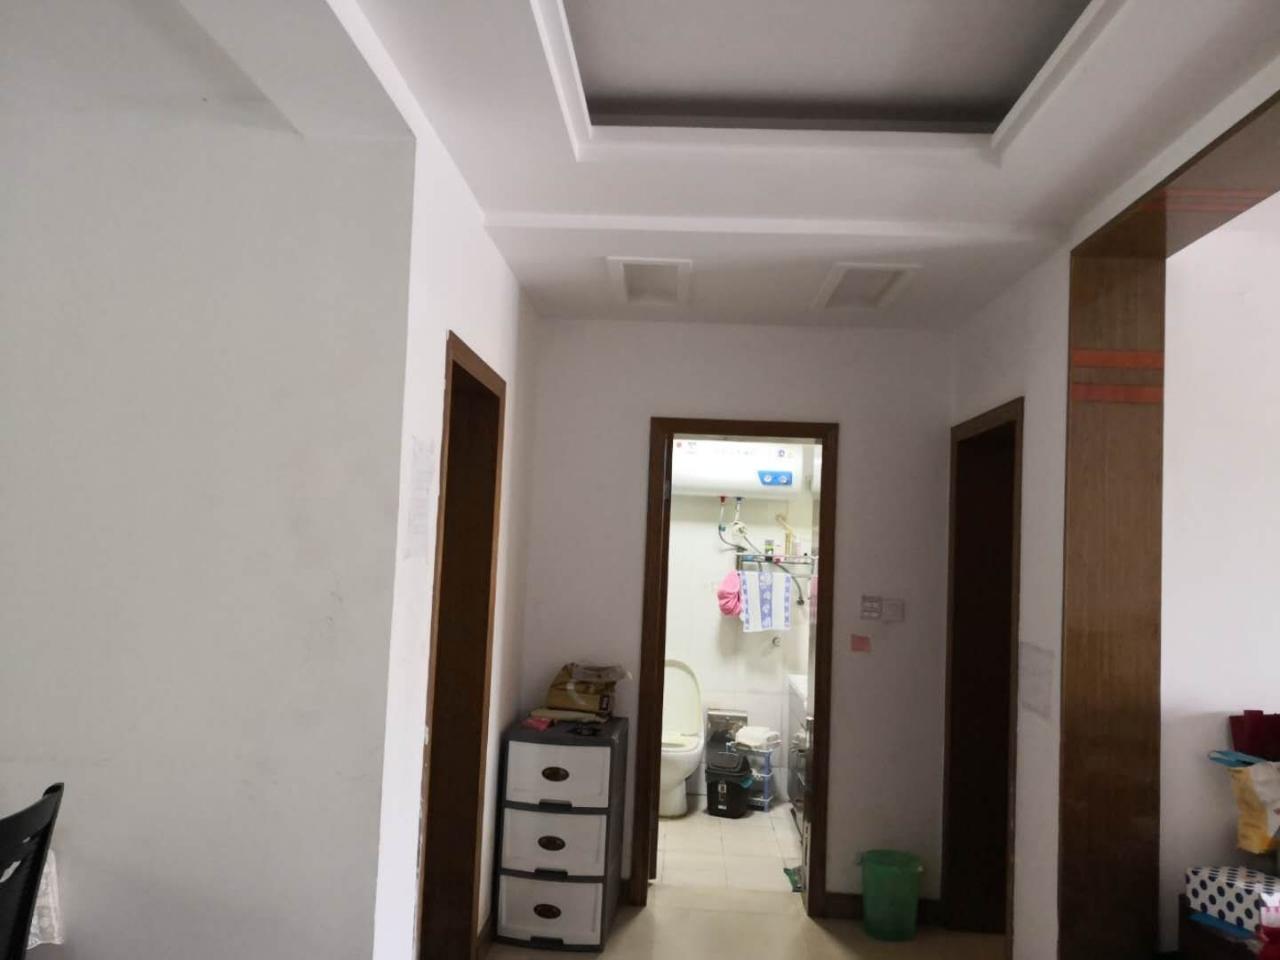 中坤苑精装修2室2厅1卫96平米+附房86.8万元